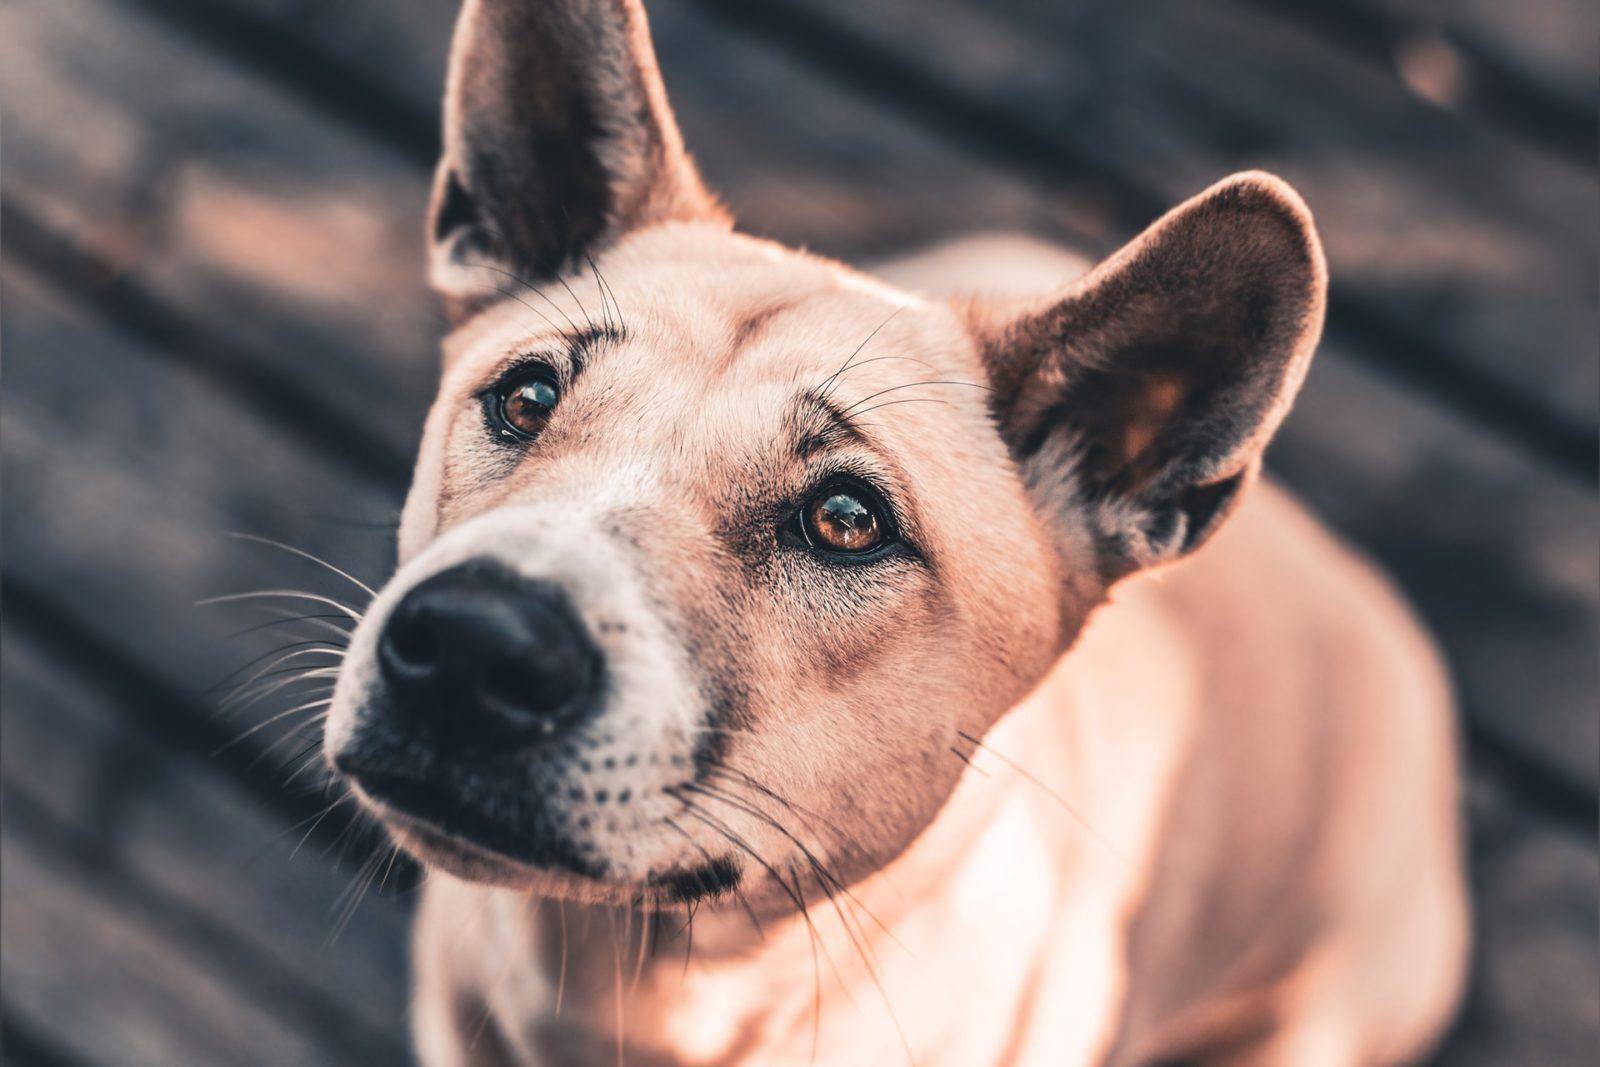 cachorro esperando por ração no seu alimentador automático